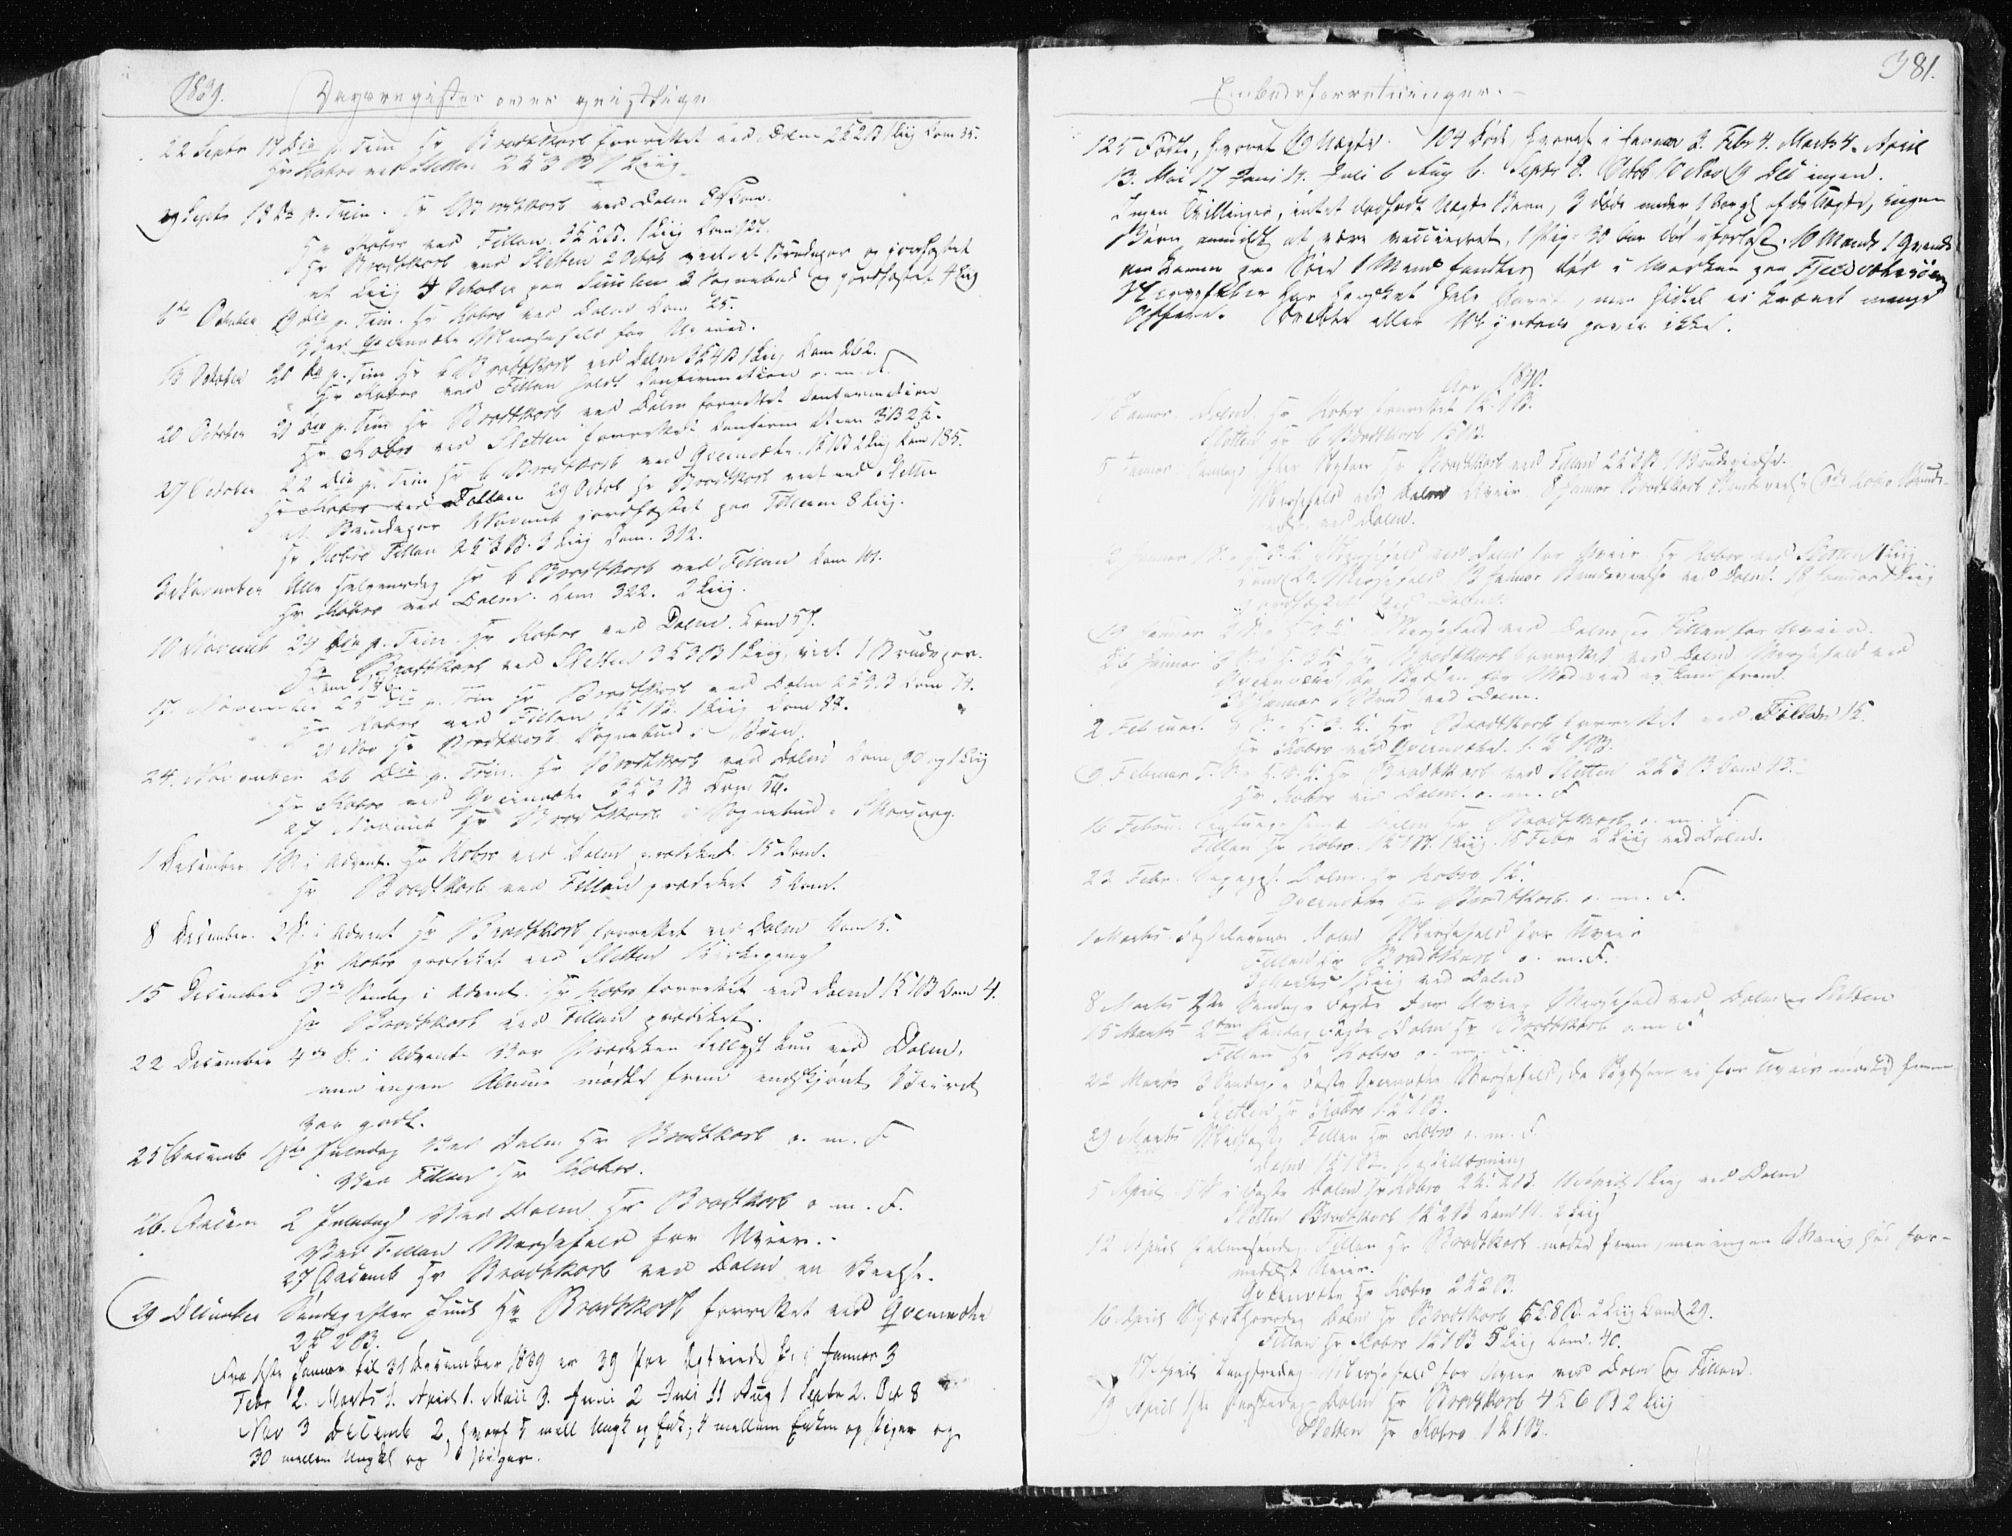 SAT, Ministerialprotokoller, klokkerbøker og fødselsregistre - Sør-Trøndelag, 634/L0528: Ministerialbok nr. 634A04, 1827-1842, s. 381